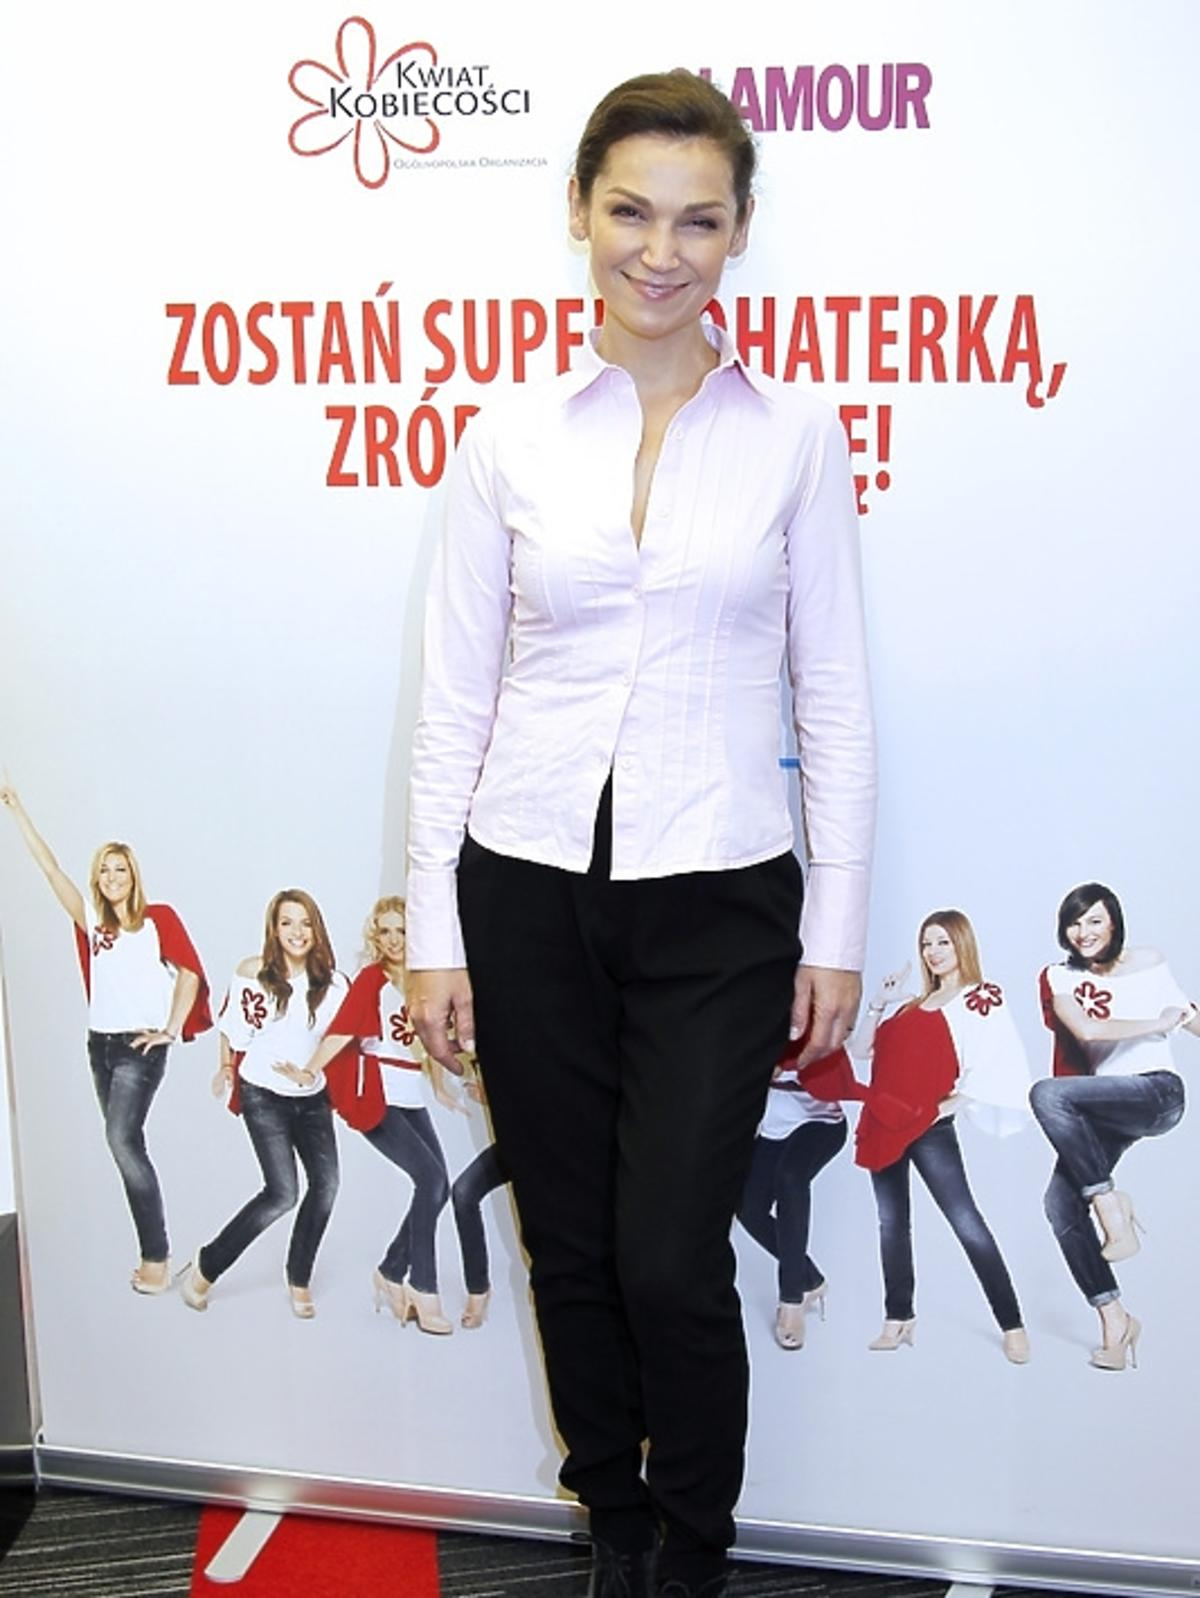 Olga Bończyk podczas spotkania Honeymoon dla Kwiatu Kobiecości